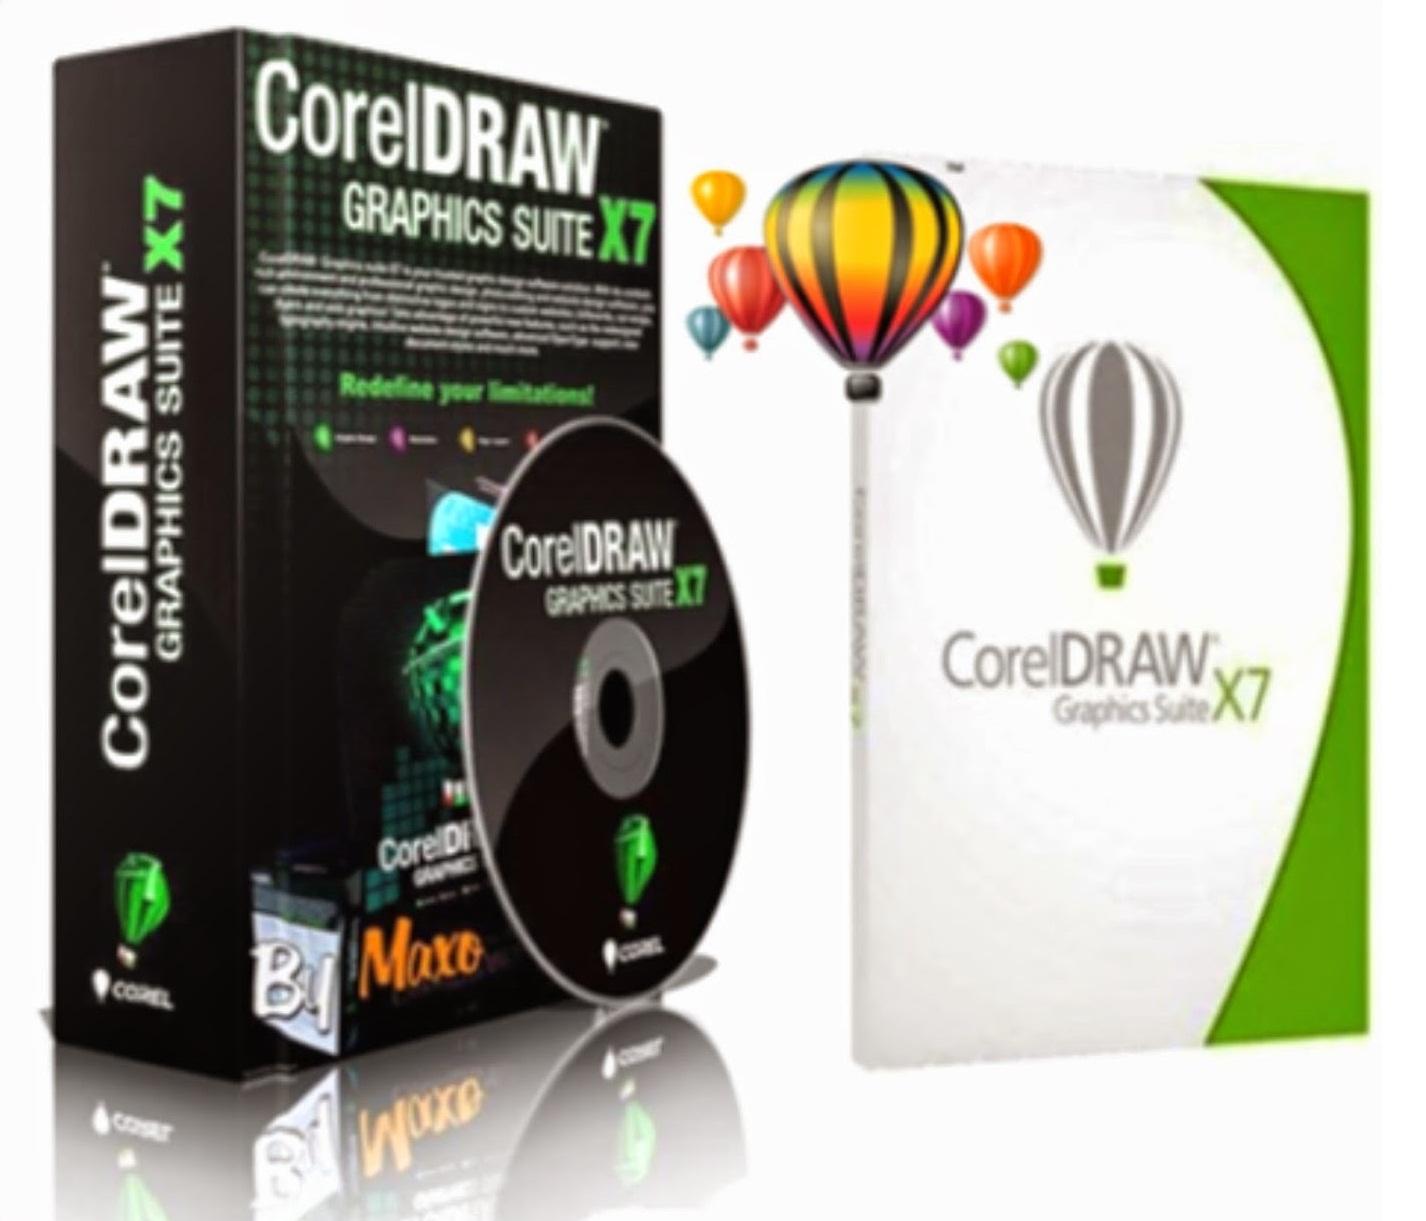 Download Corel Draw X7 Full Version Free Keygen Terbaru Anoing Guys